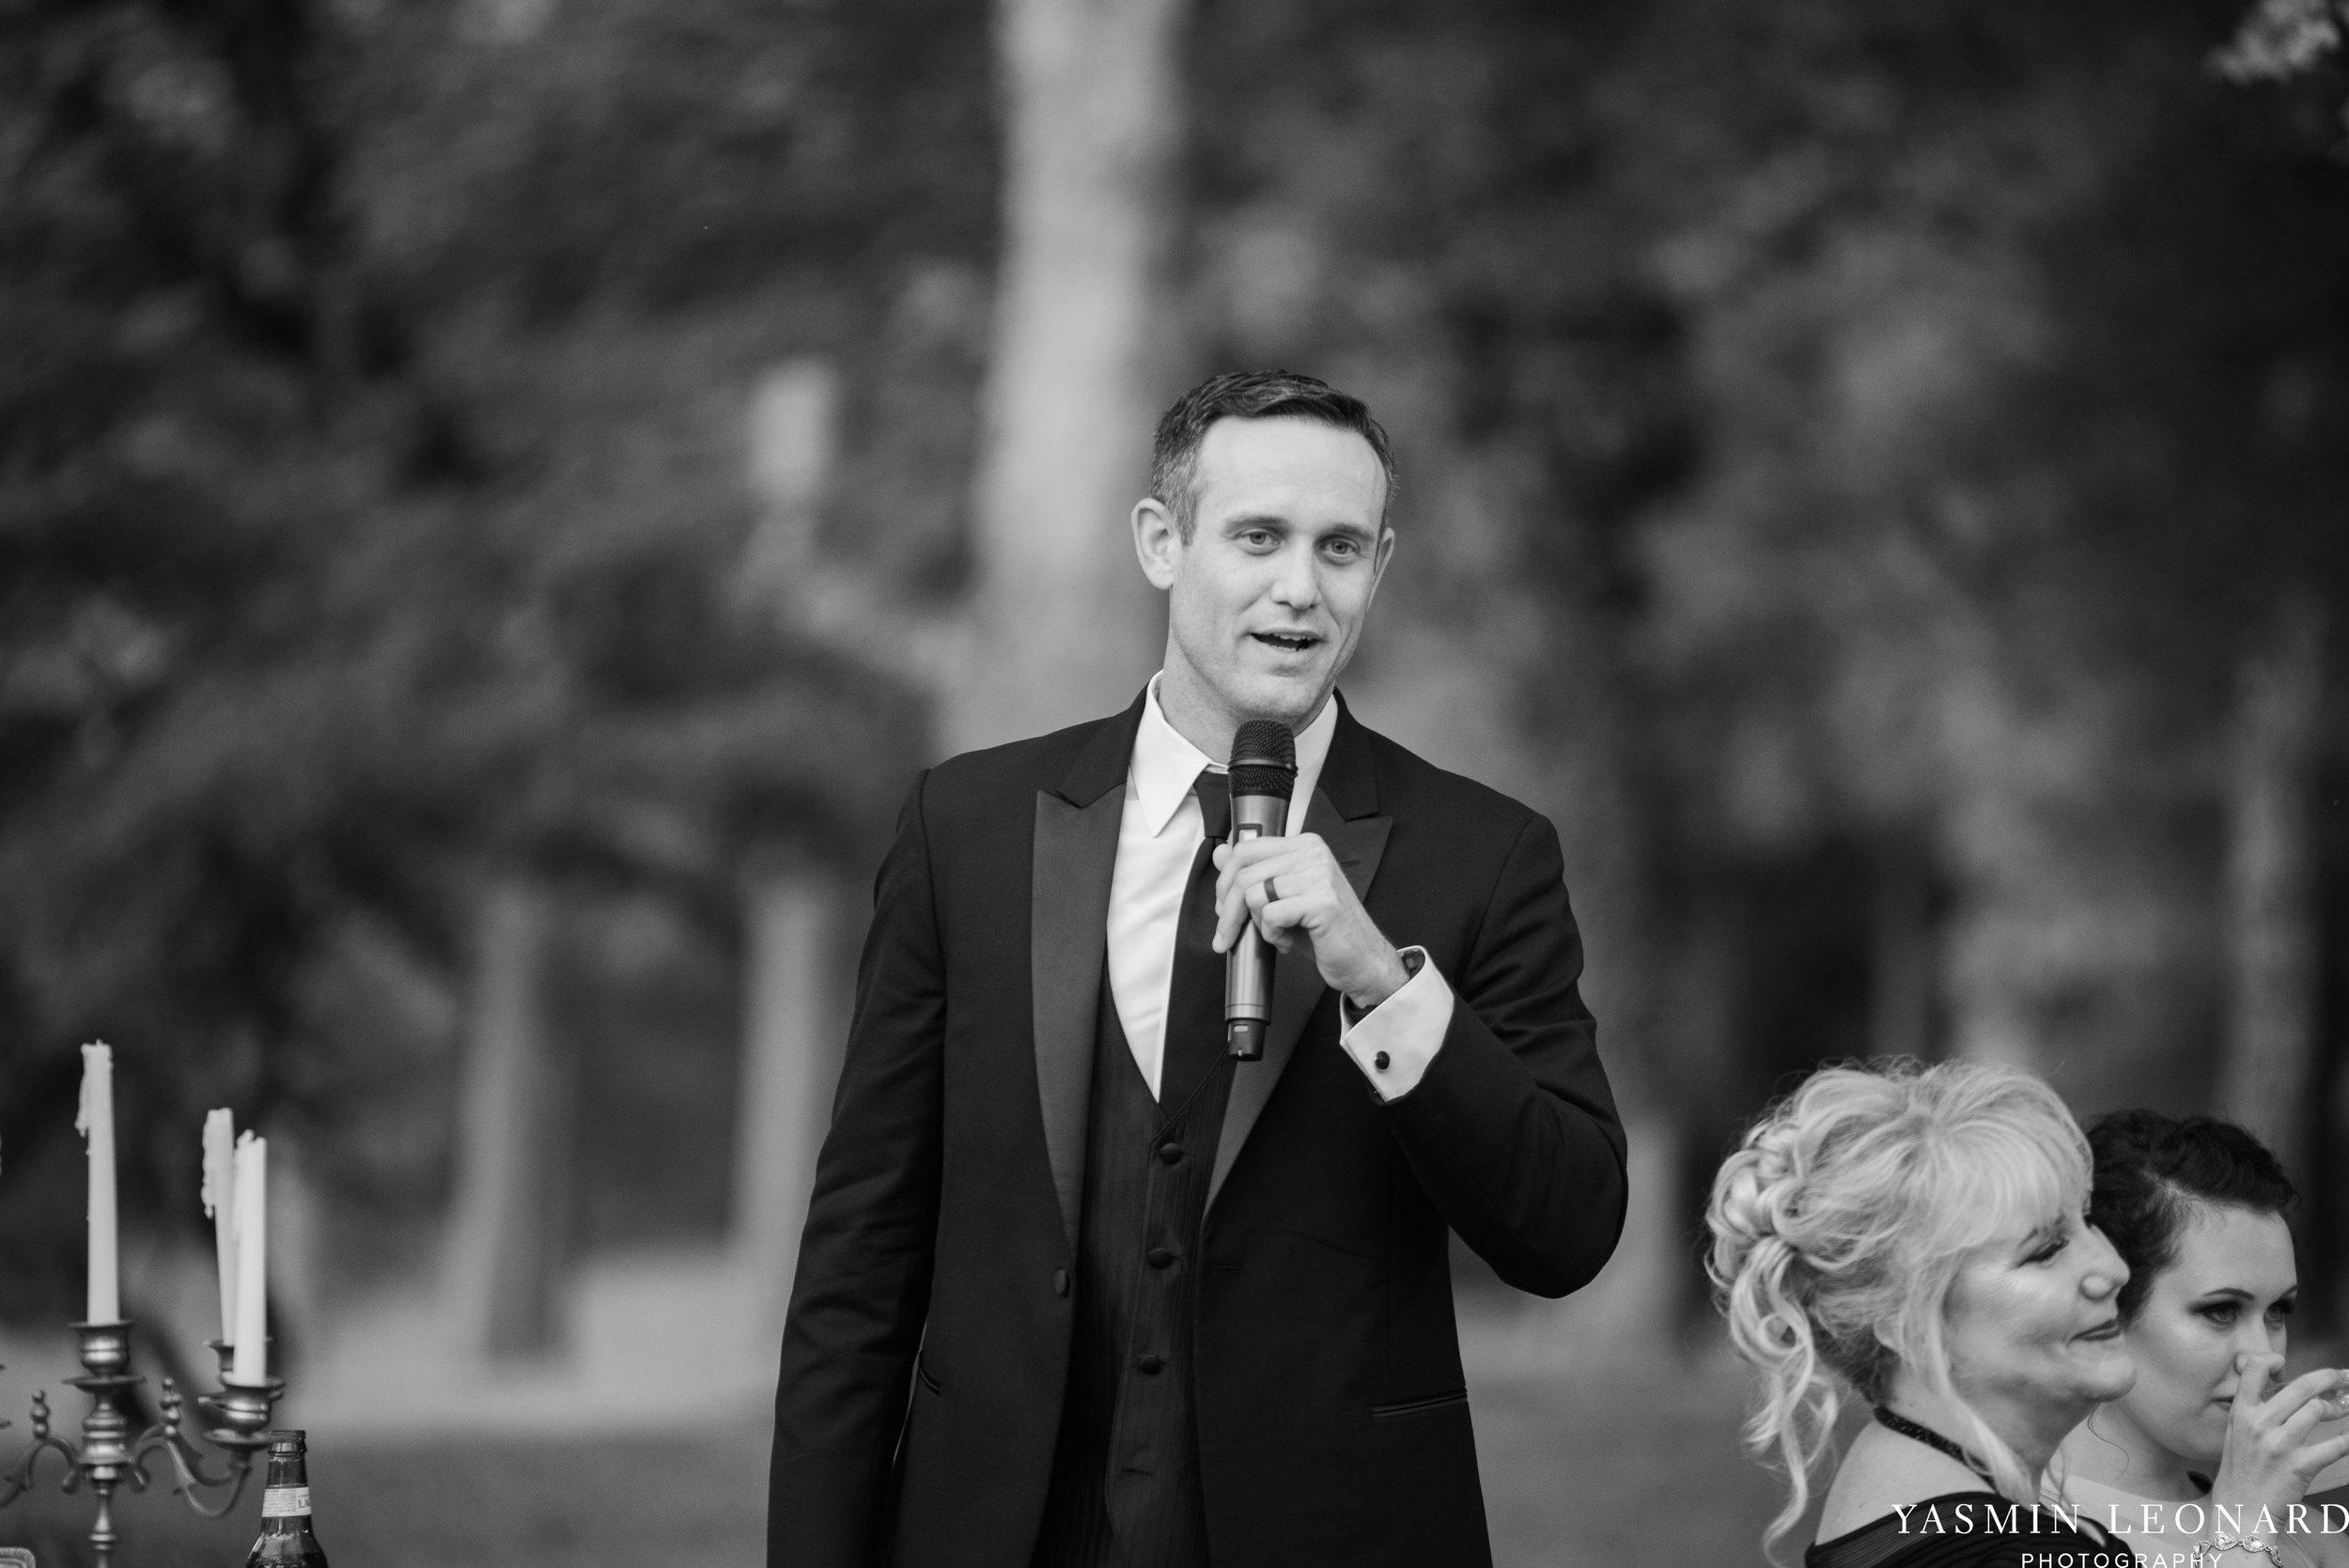 Boxwood Estate - Boxwood Estate Wedding - Luxury Wedding - Black and White Wedding - NC Wedding Venues - NC Weddings - NC Photographer - Lantern Release Grand Exit - Large Wedding Party - Yasmin Leonard Photography-65.jpg